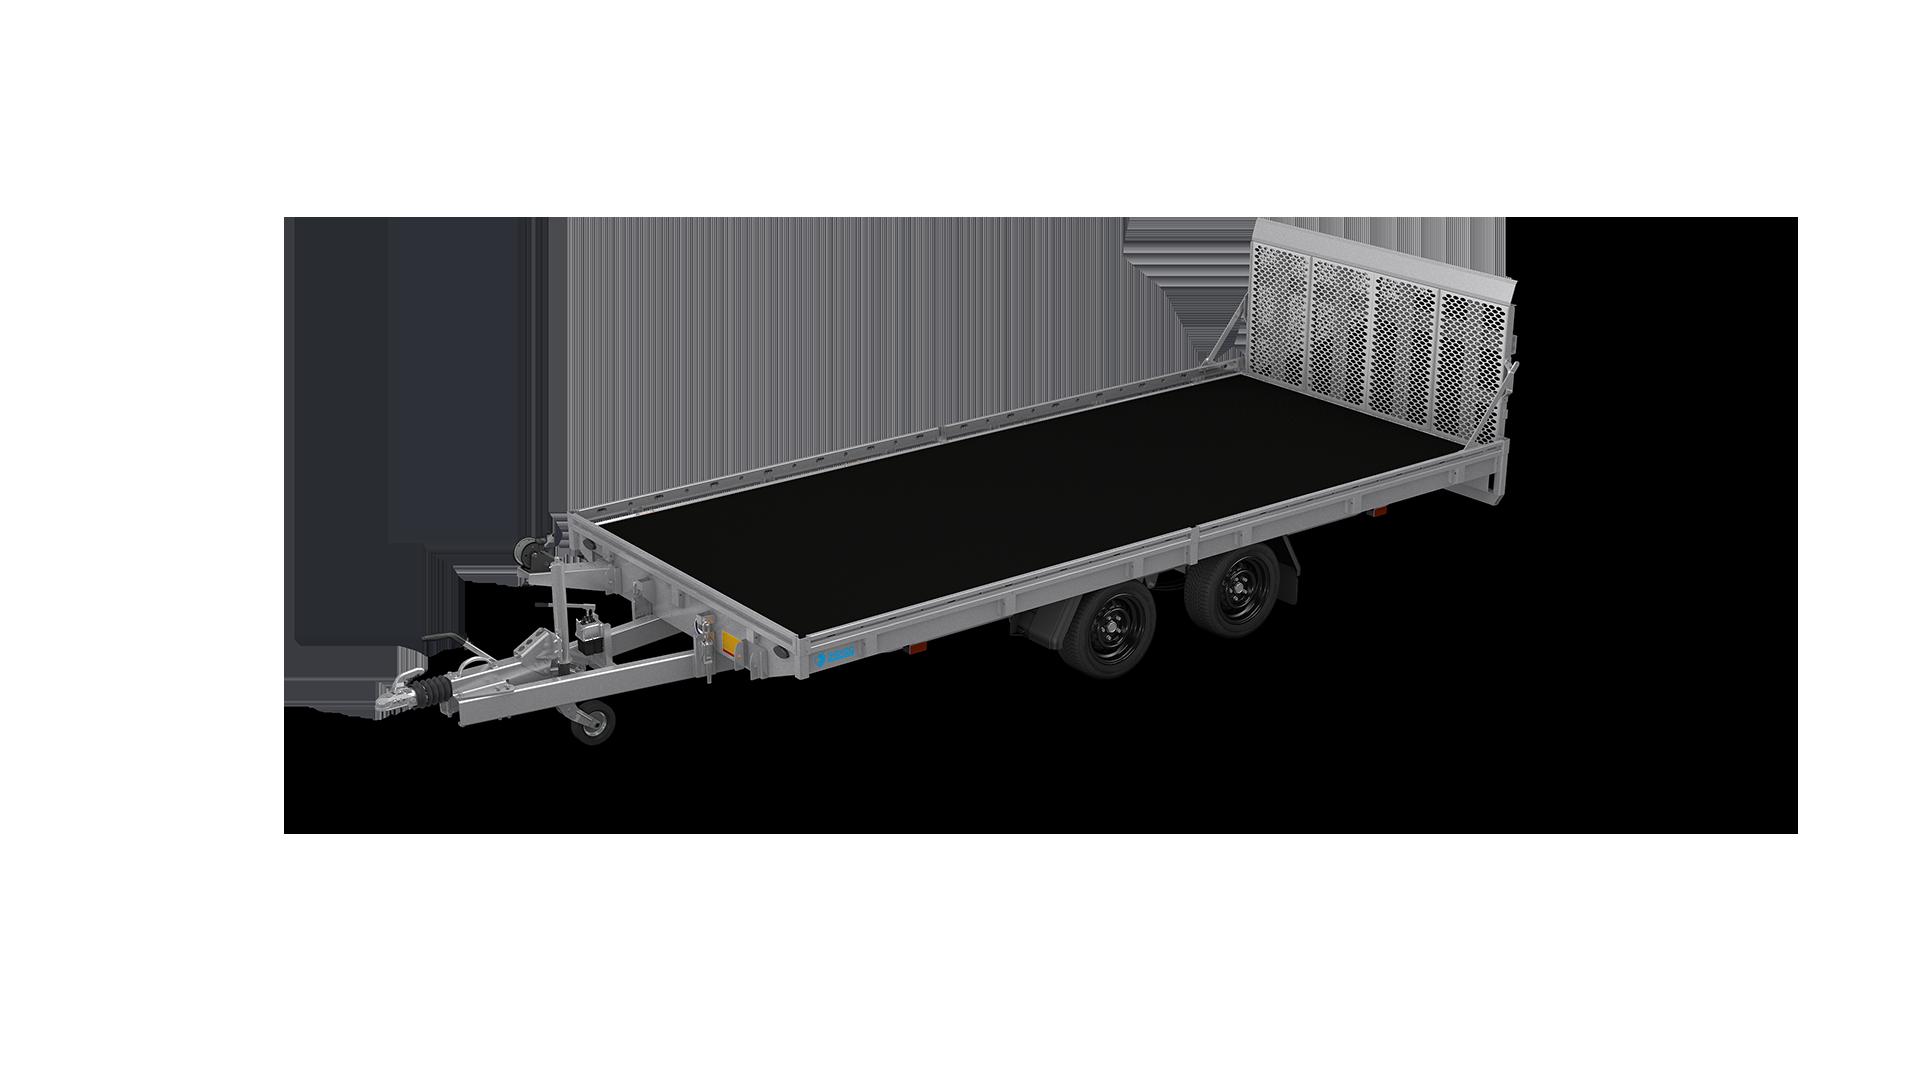 HAPERT Transportanhänger INDIGO HT-2 hydraulisch kippbarer Maschinentransporter